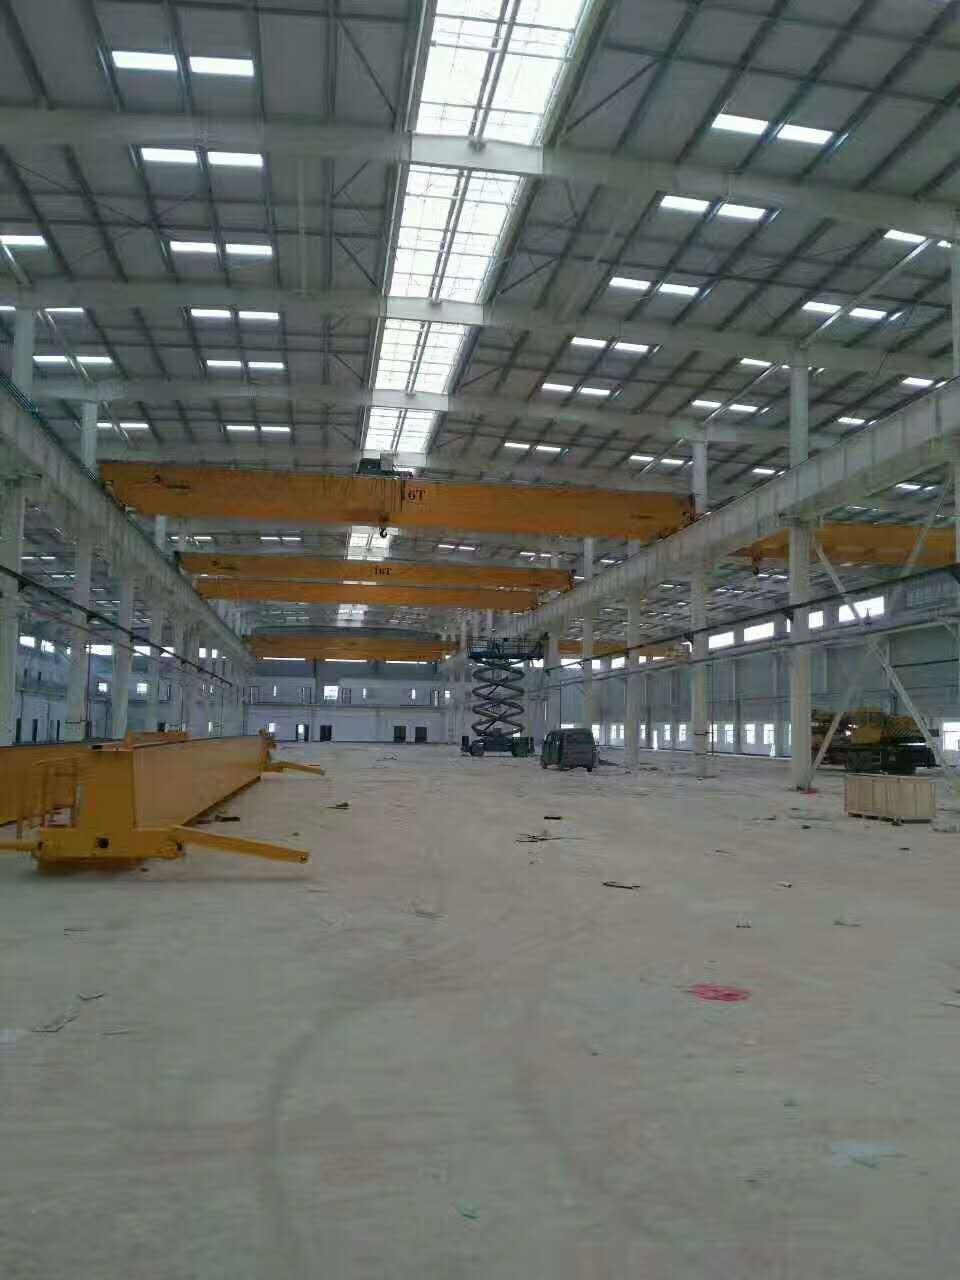 45吨天吊价钱,60吨行车制造厂家,20吨行吊什么价